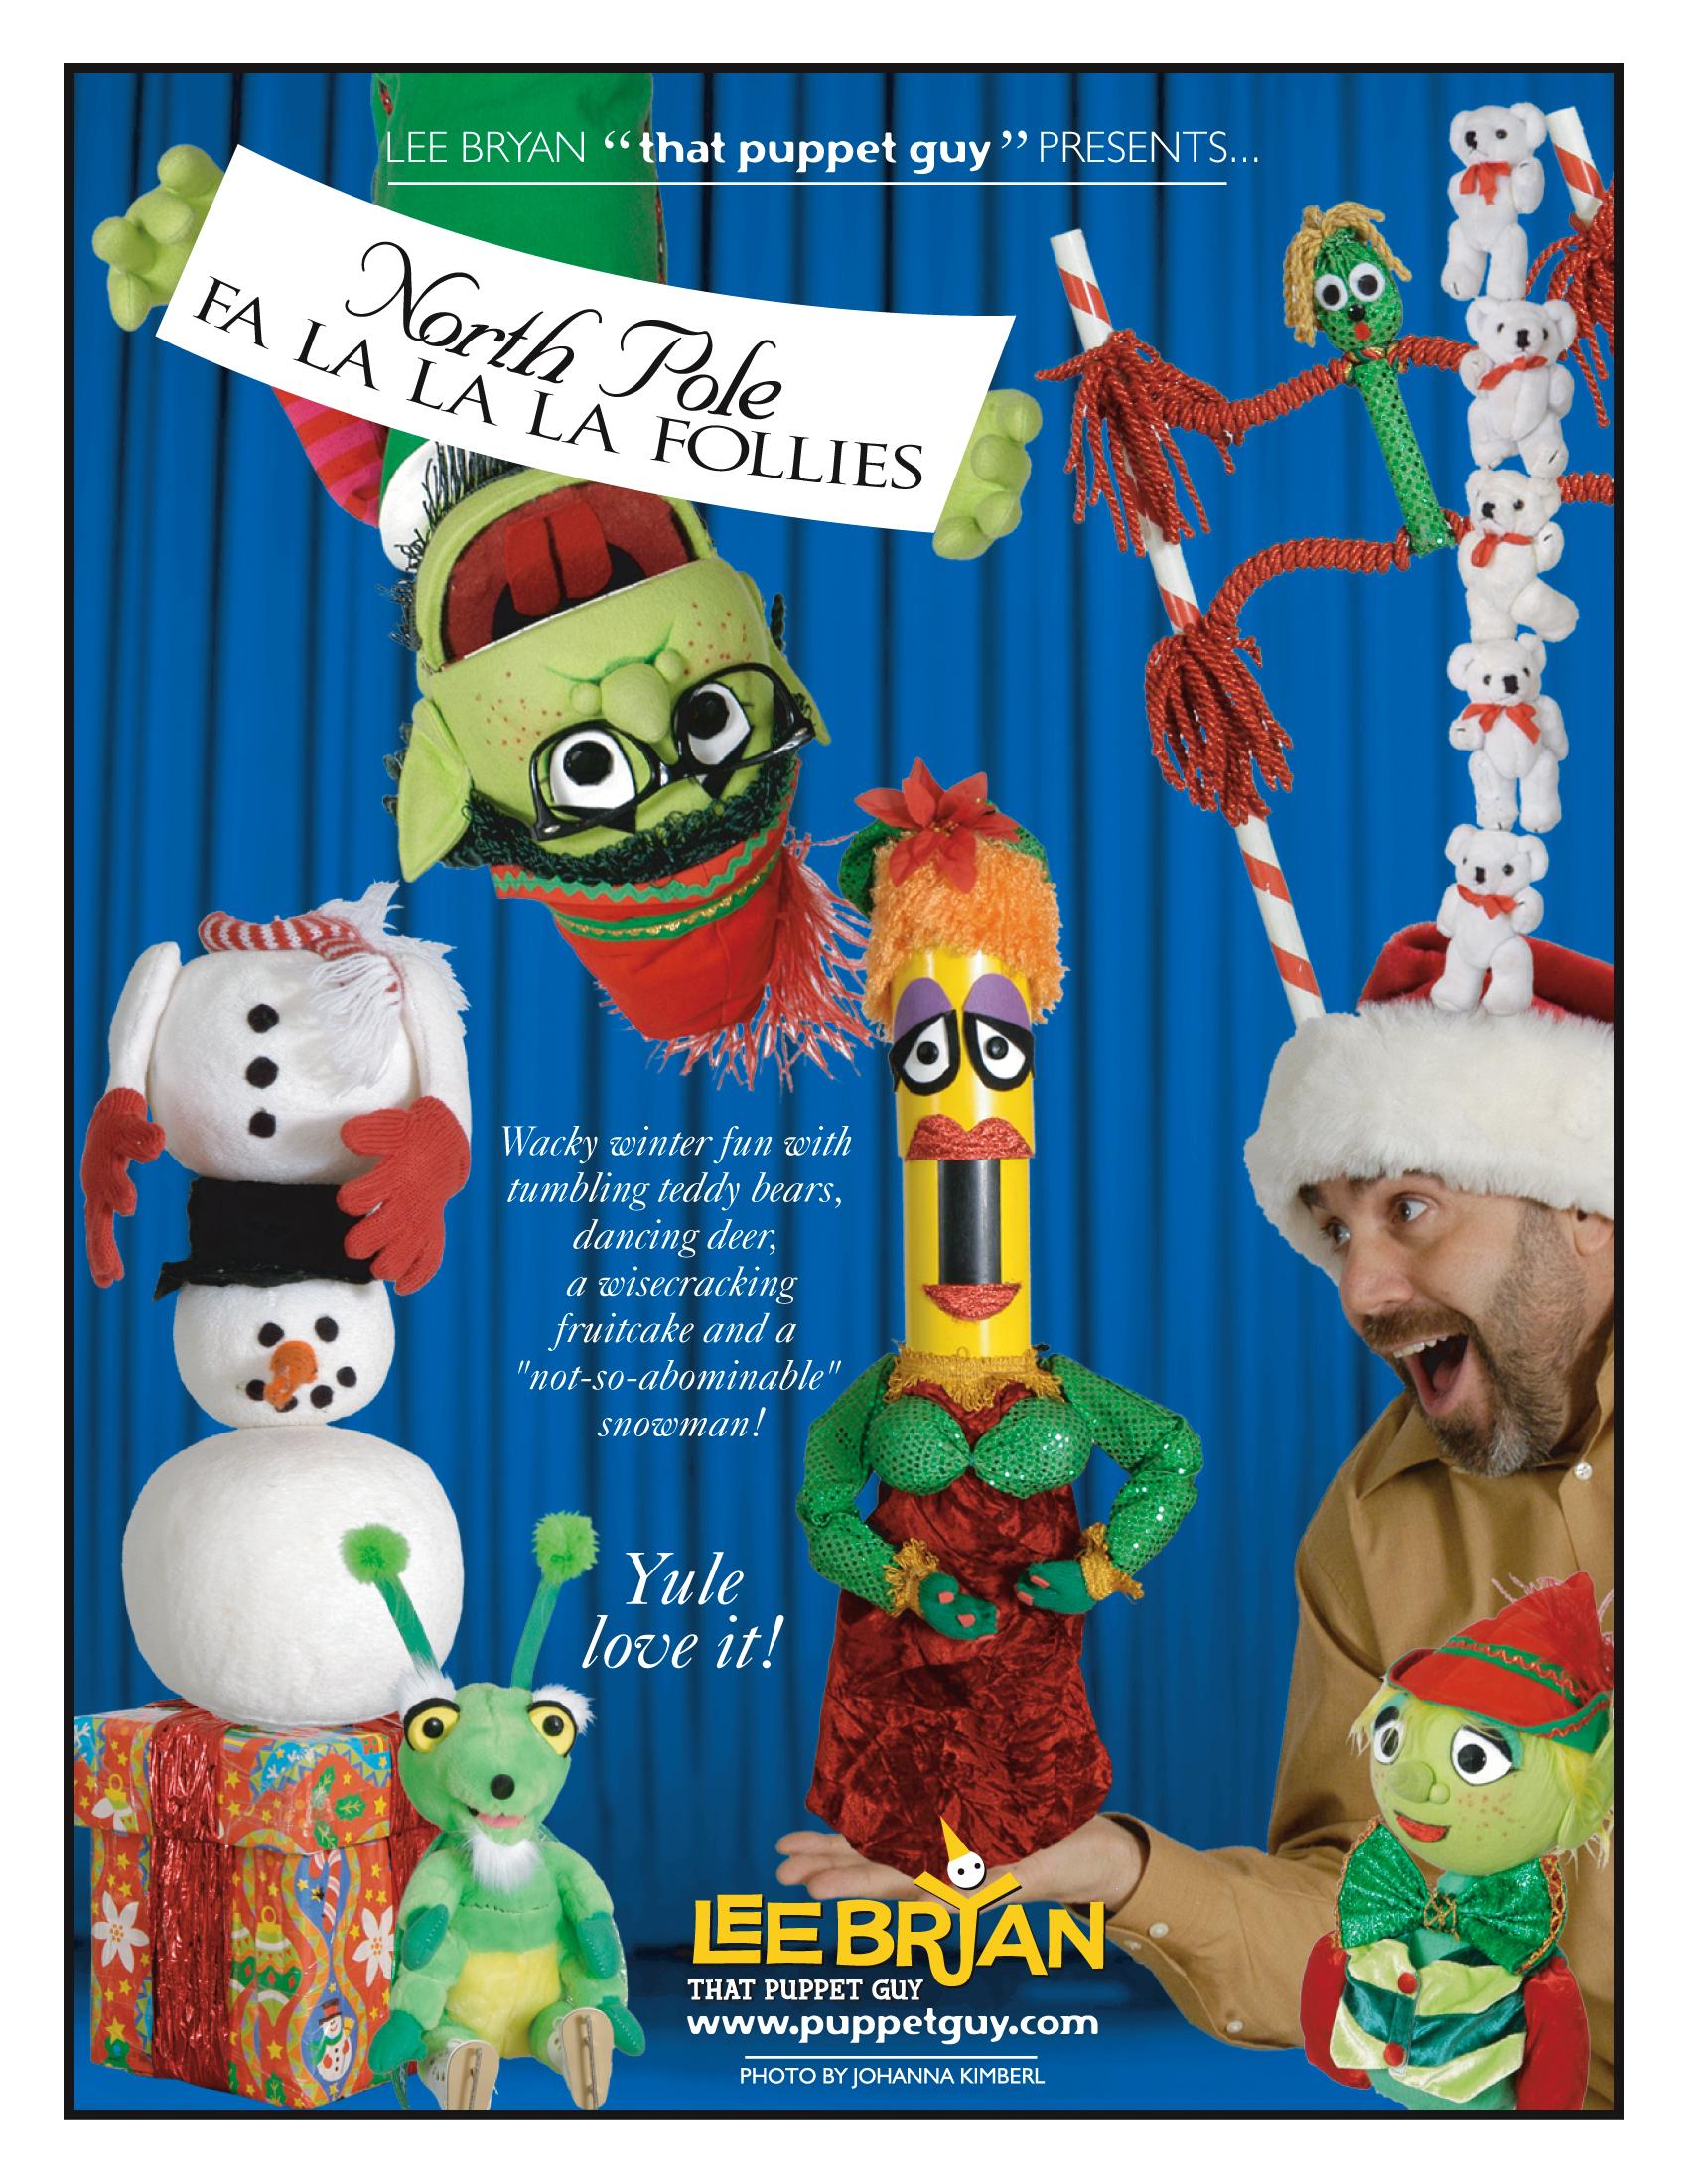 Publicity Slick The North Pole Fa-La-La-La Follies